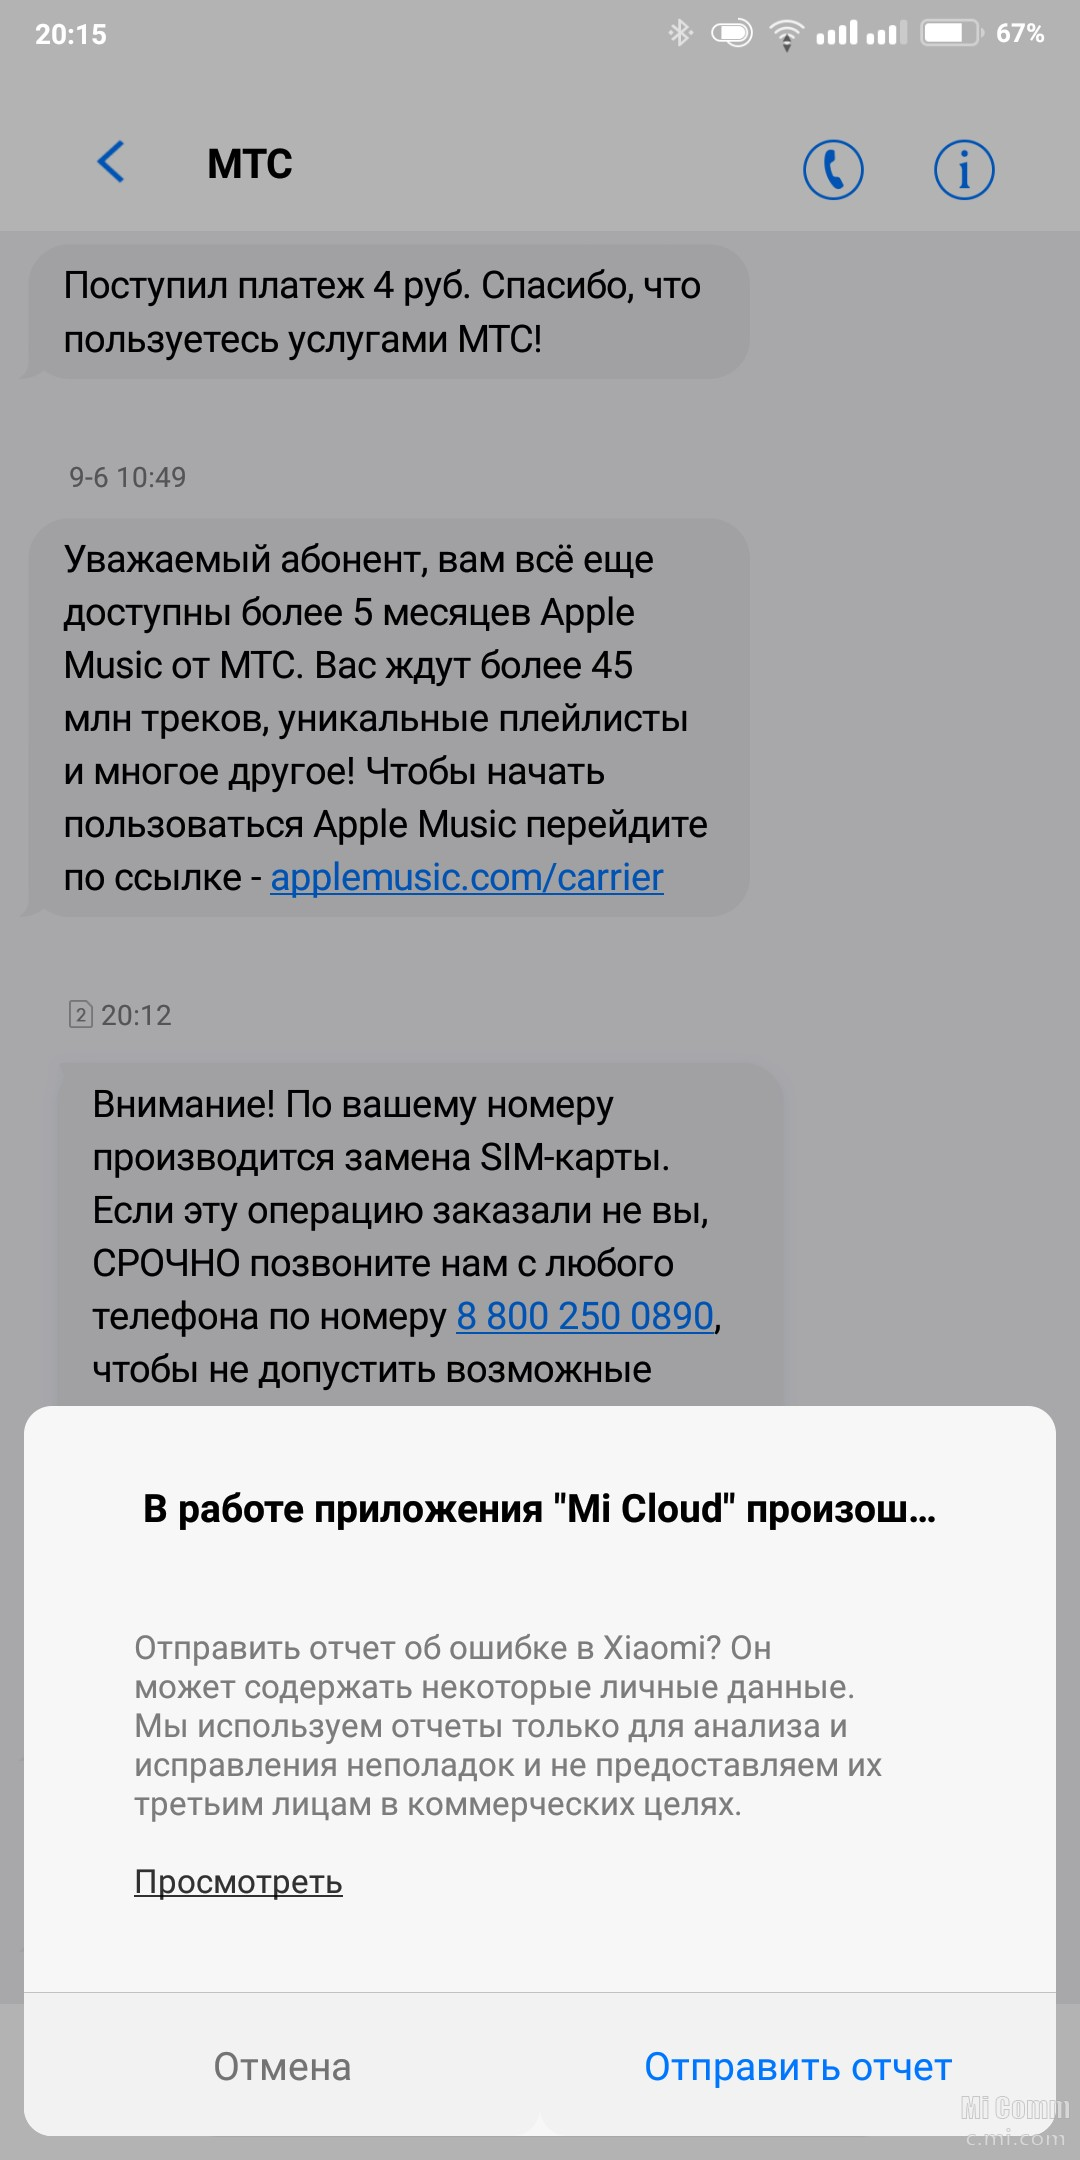 Решение проблемы: извините, произошла ошибка в инстаграм